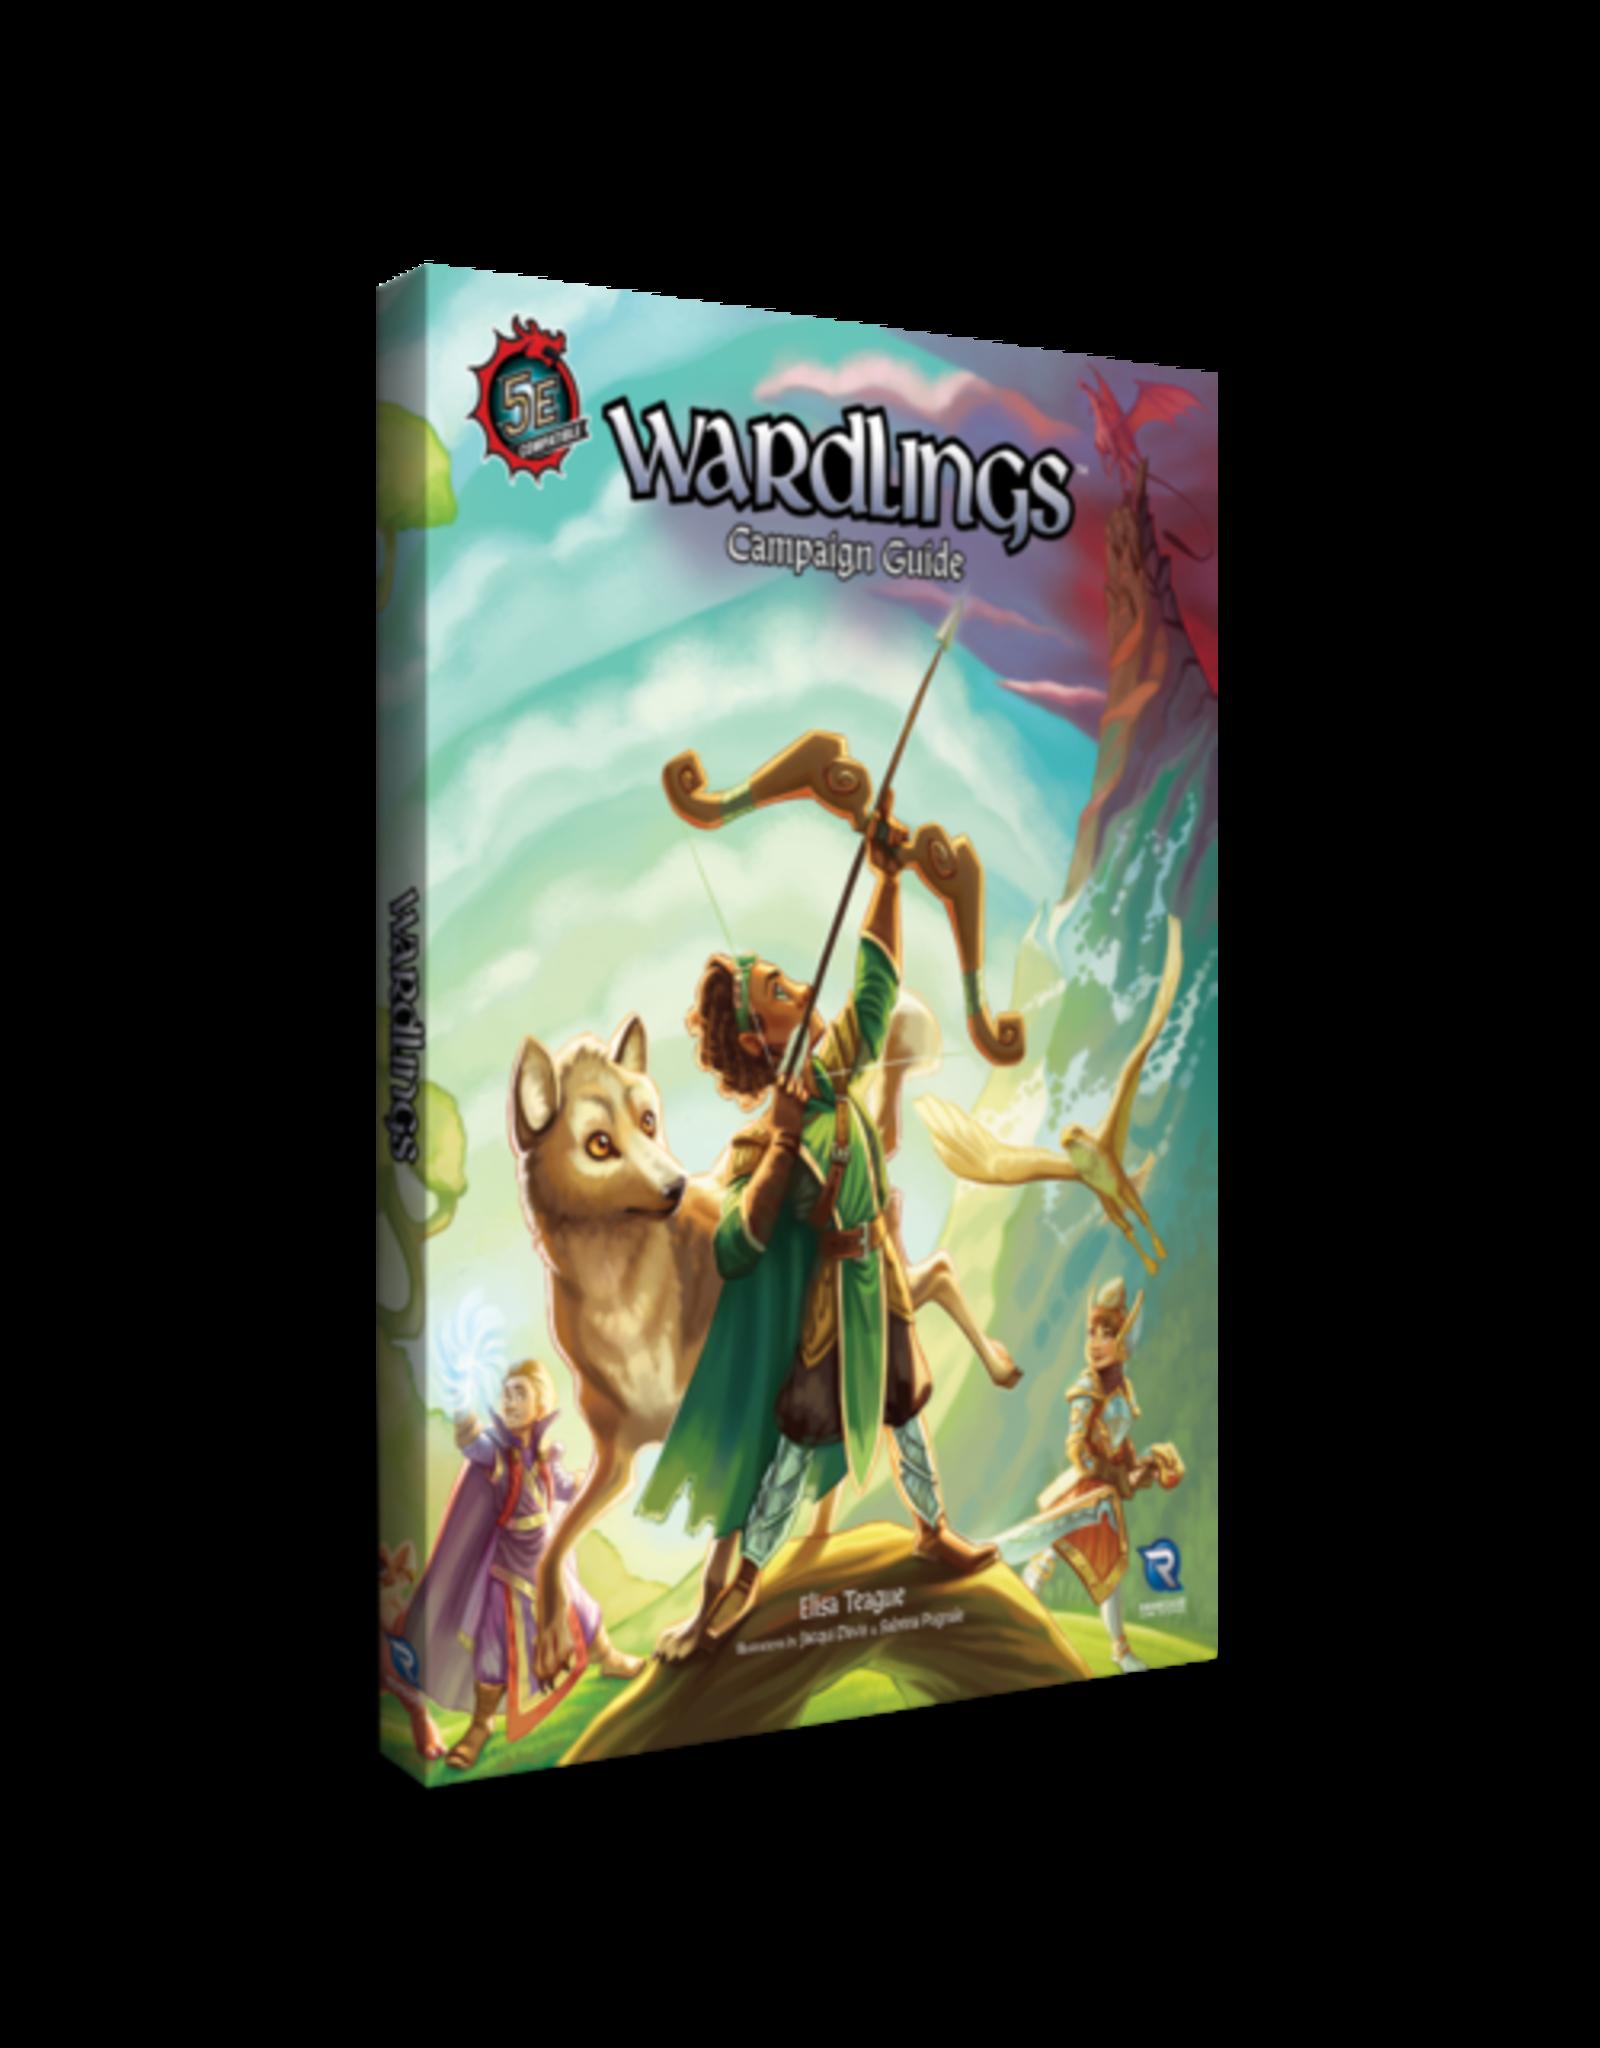 Renegade Game Studios Wardlings: Campaign Guide